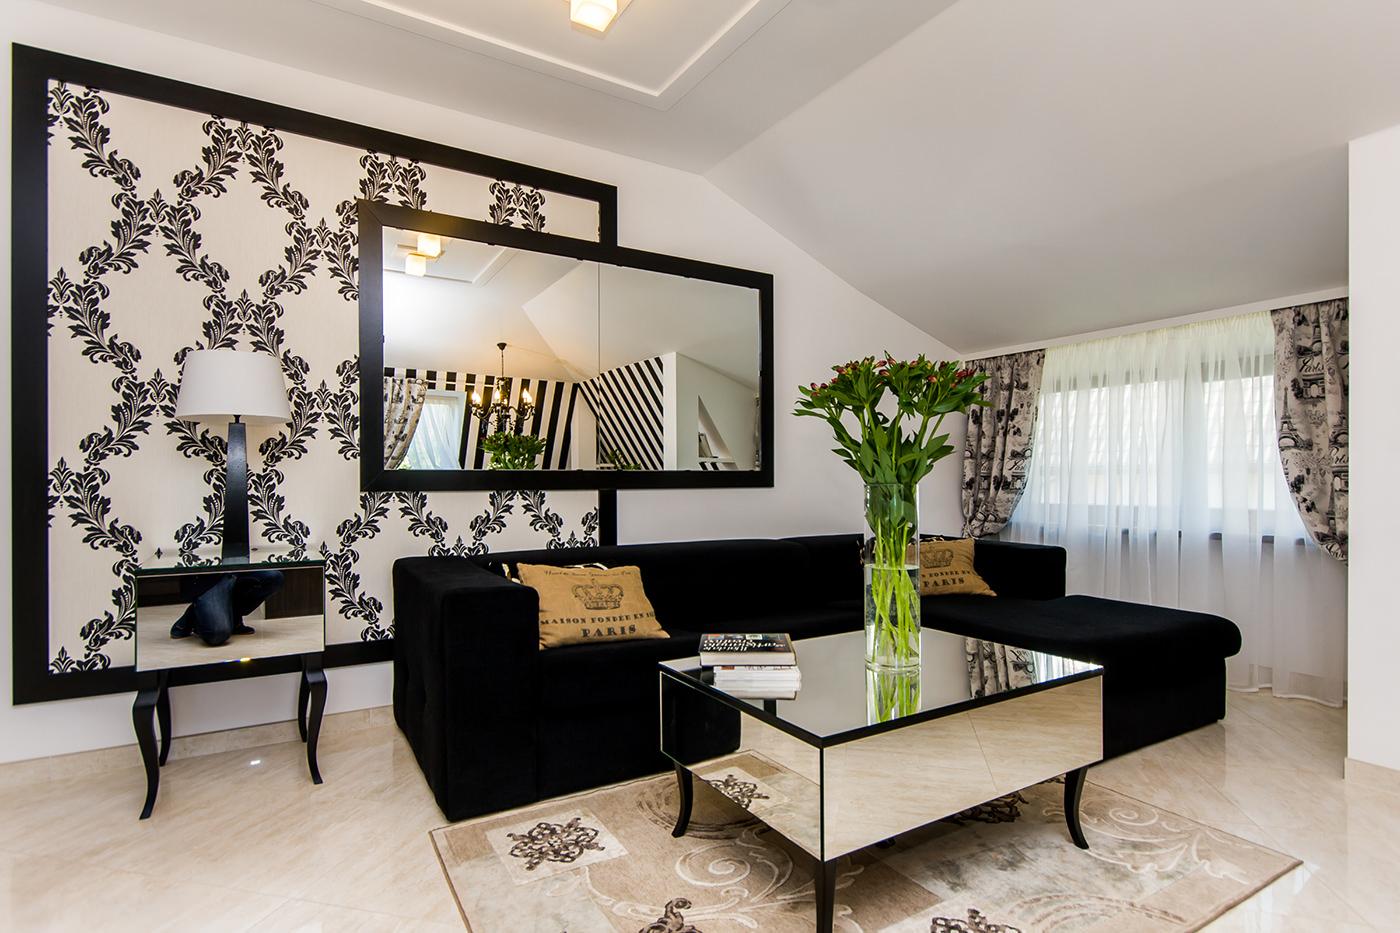 турецкими оформление стен в гостиной обоями фото выберите год